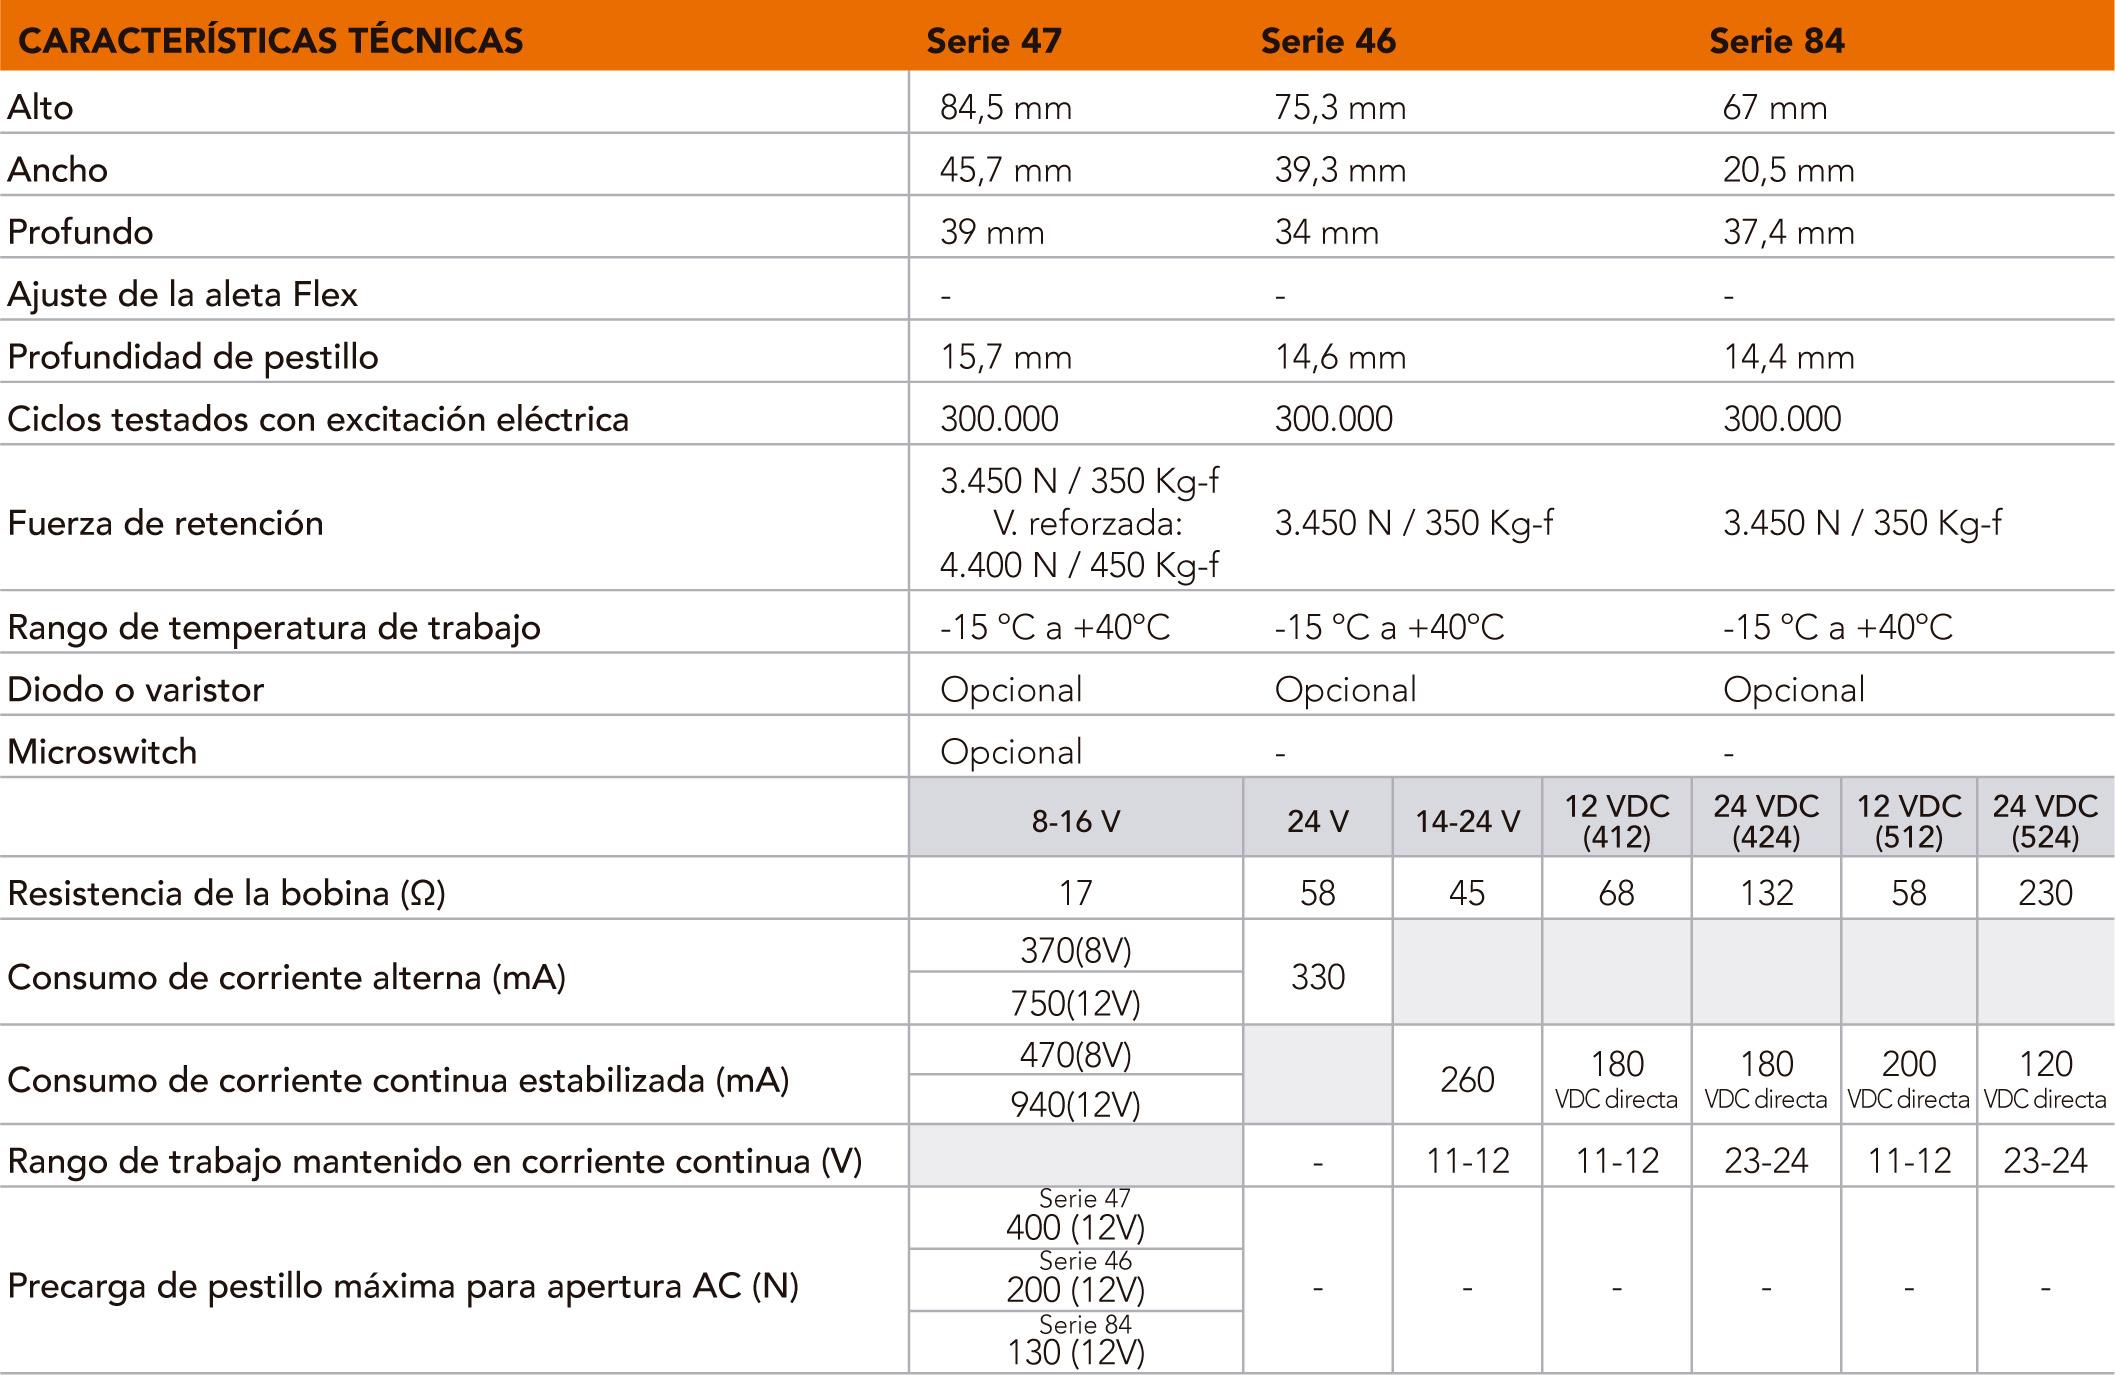 S47-46-84_caracteristicas